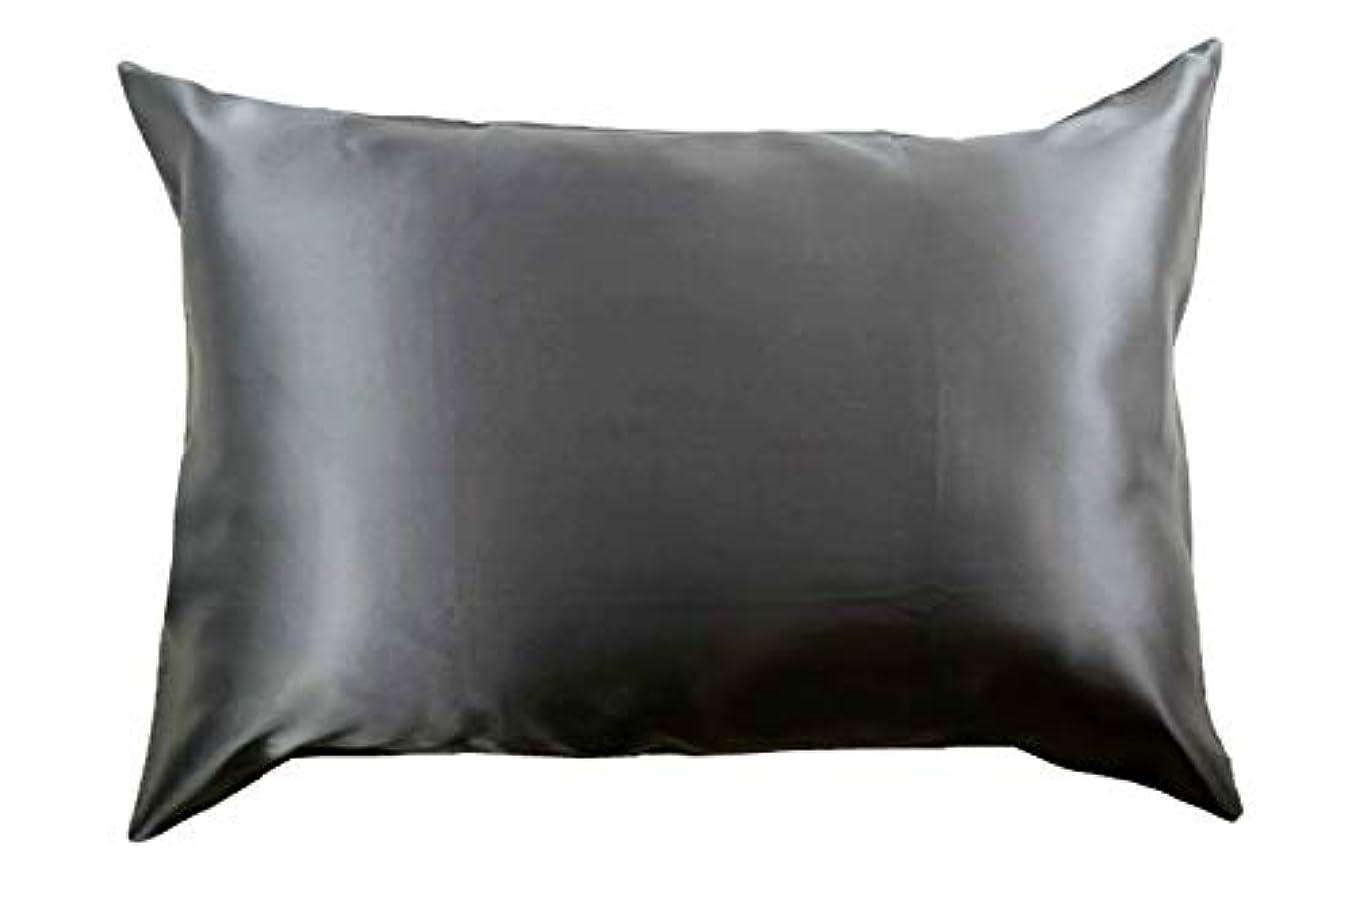 自分の遺伝的ハムCelestial Silk 100%シルク枕カバー ヘアラグジュアリー25匁マルベリーシルク用 両面にシャルムーズシルク使用 ギフトラップ 標準 グレー